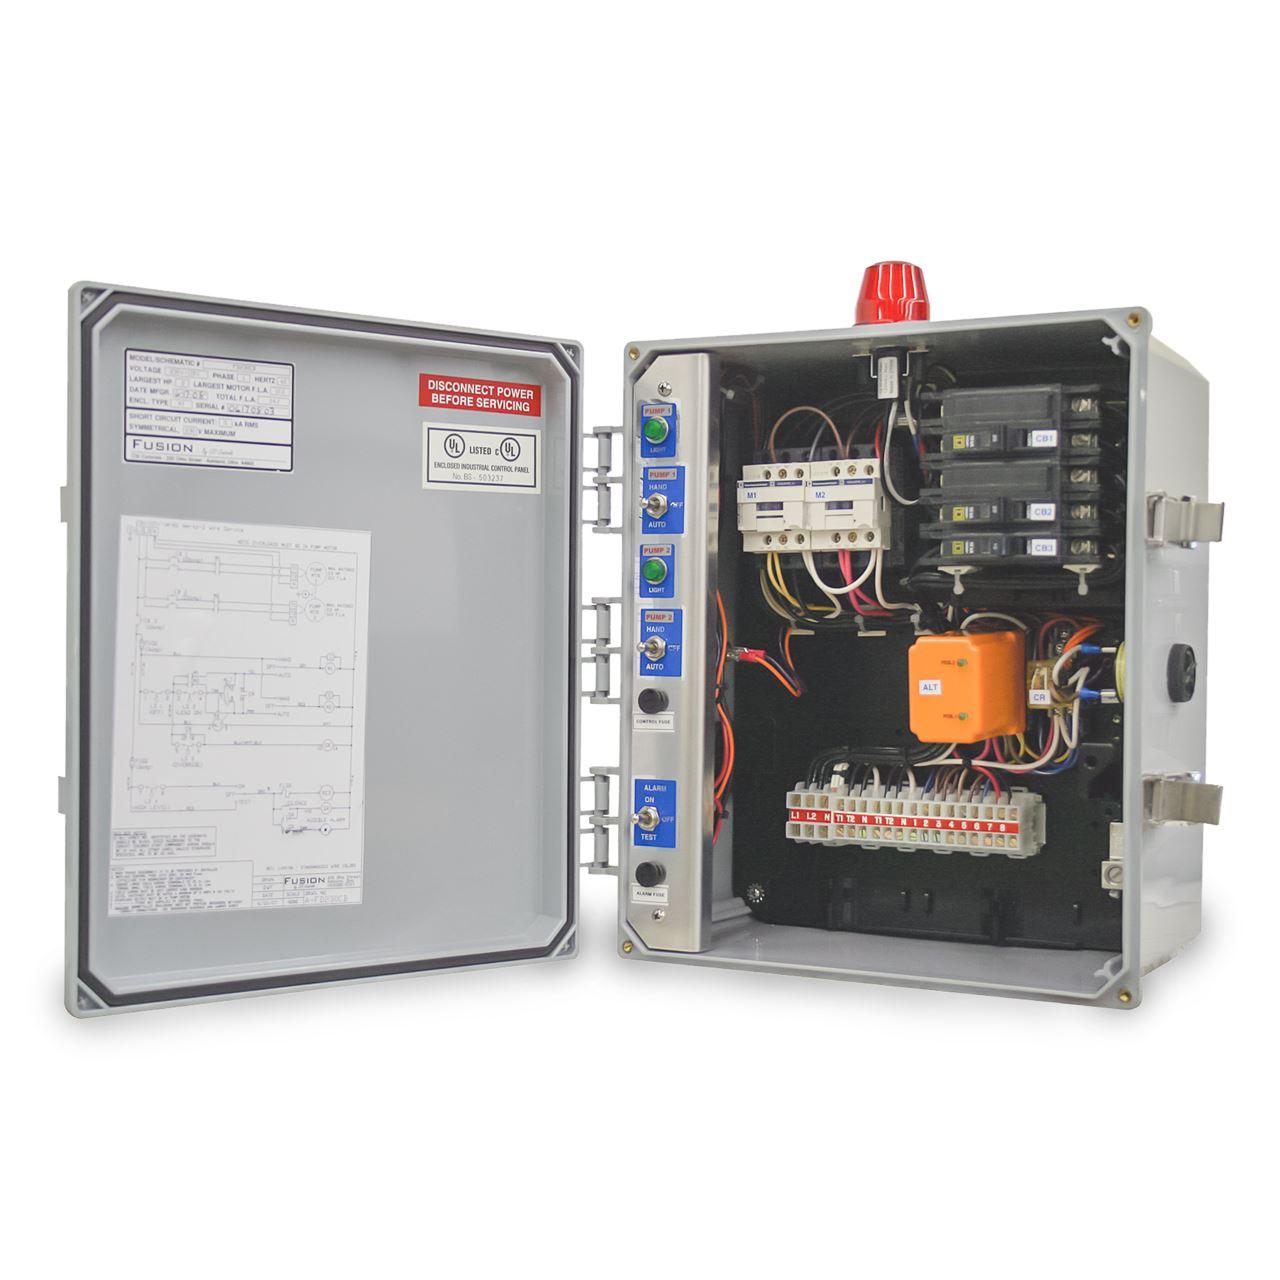 medium resolution of  diagram 87a jeep fuel pump relay csi controls csi controls fd230cb fc20 x fusion duplex pump panelcsi controls fd230cb fc20 x fusion